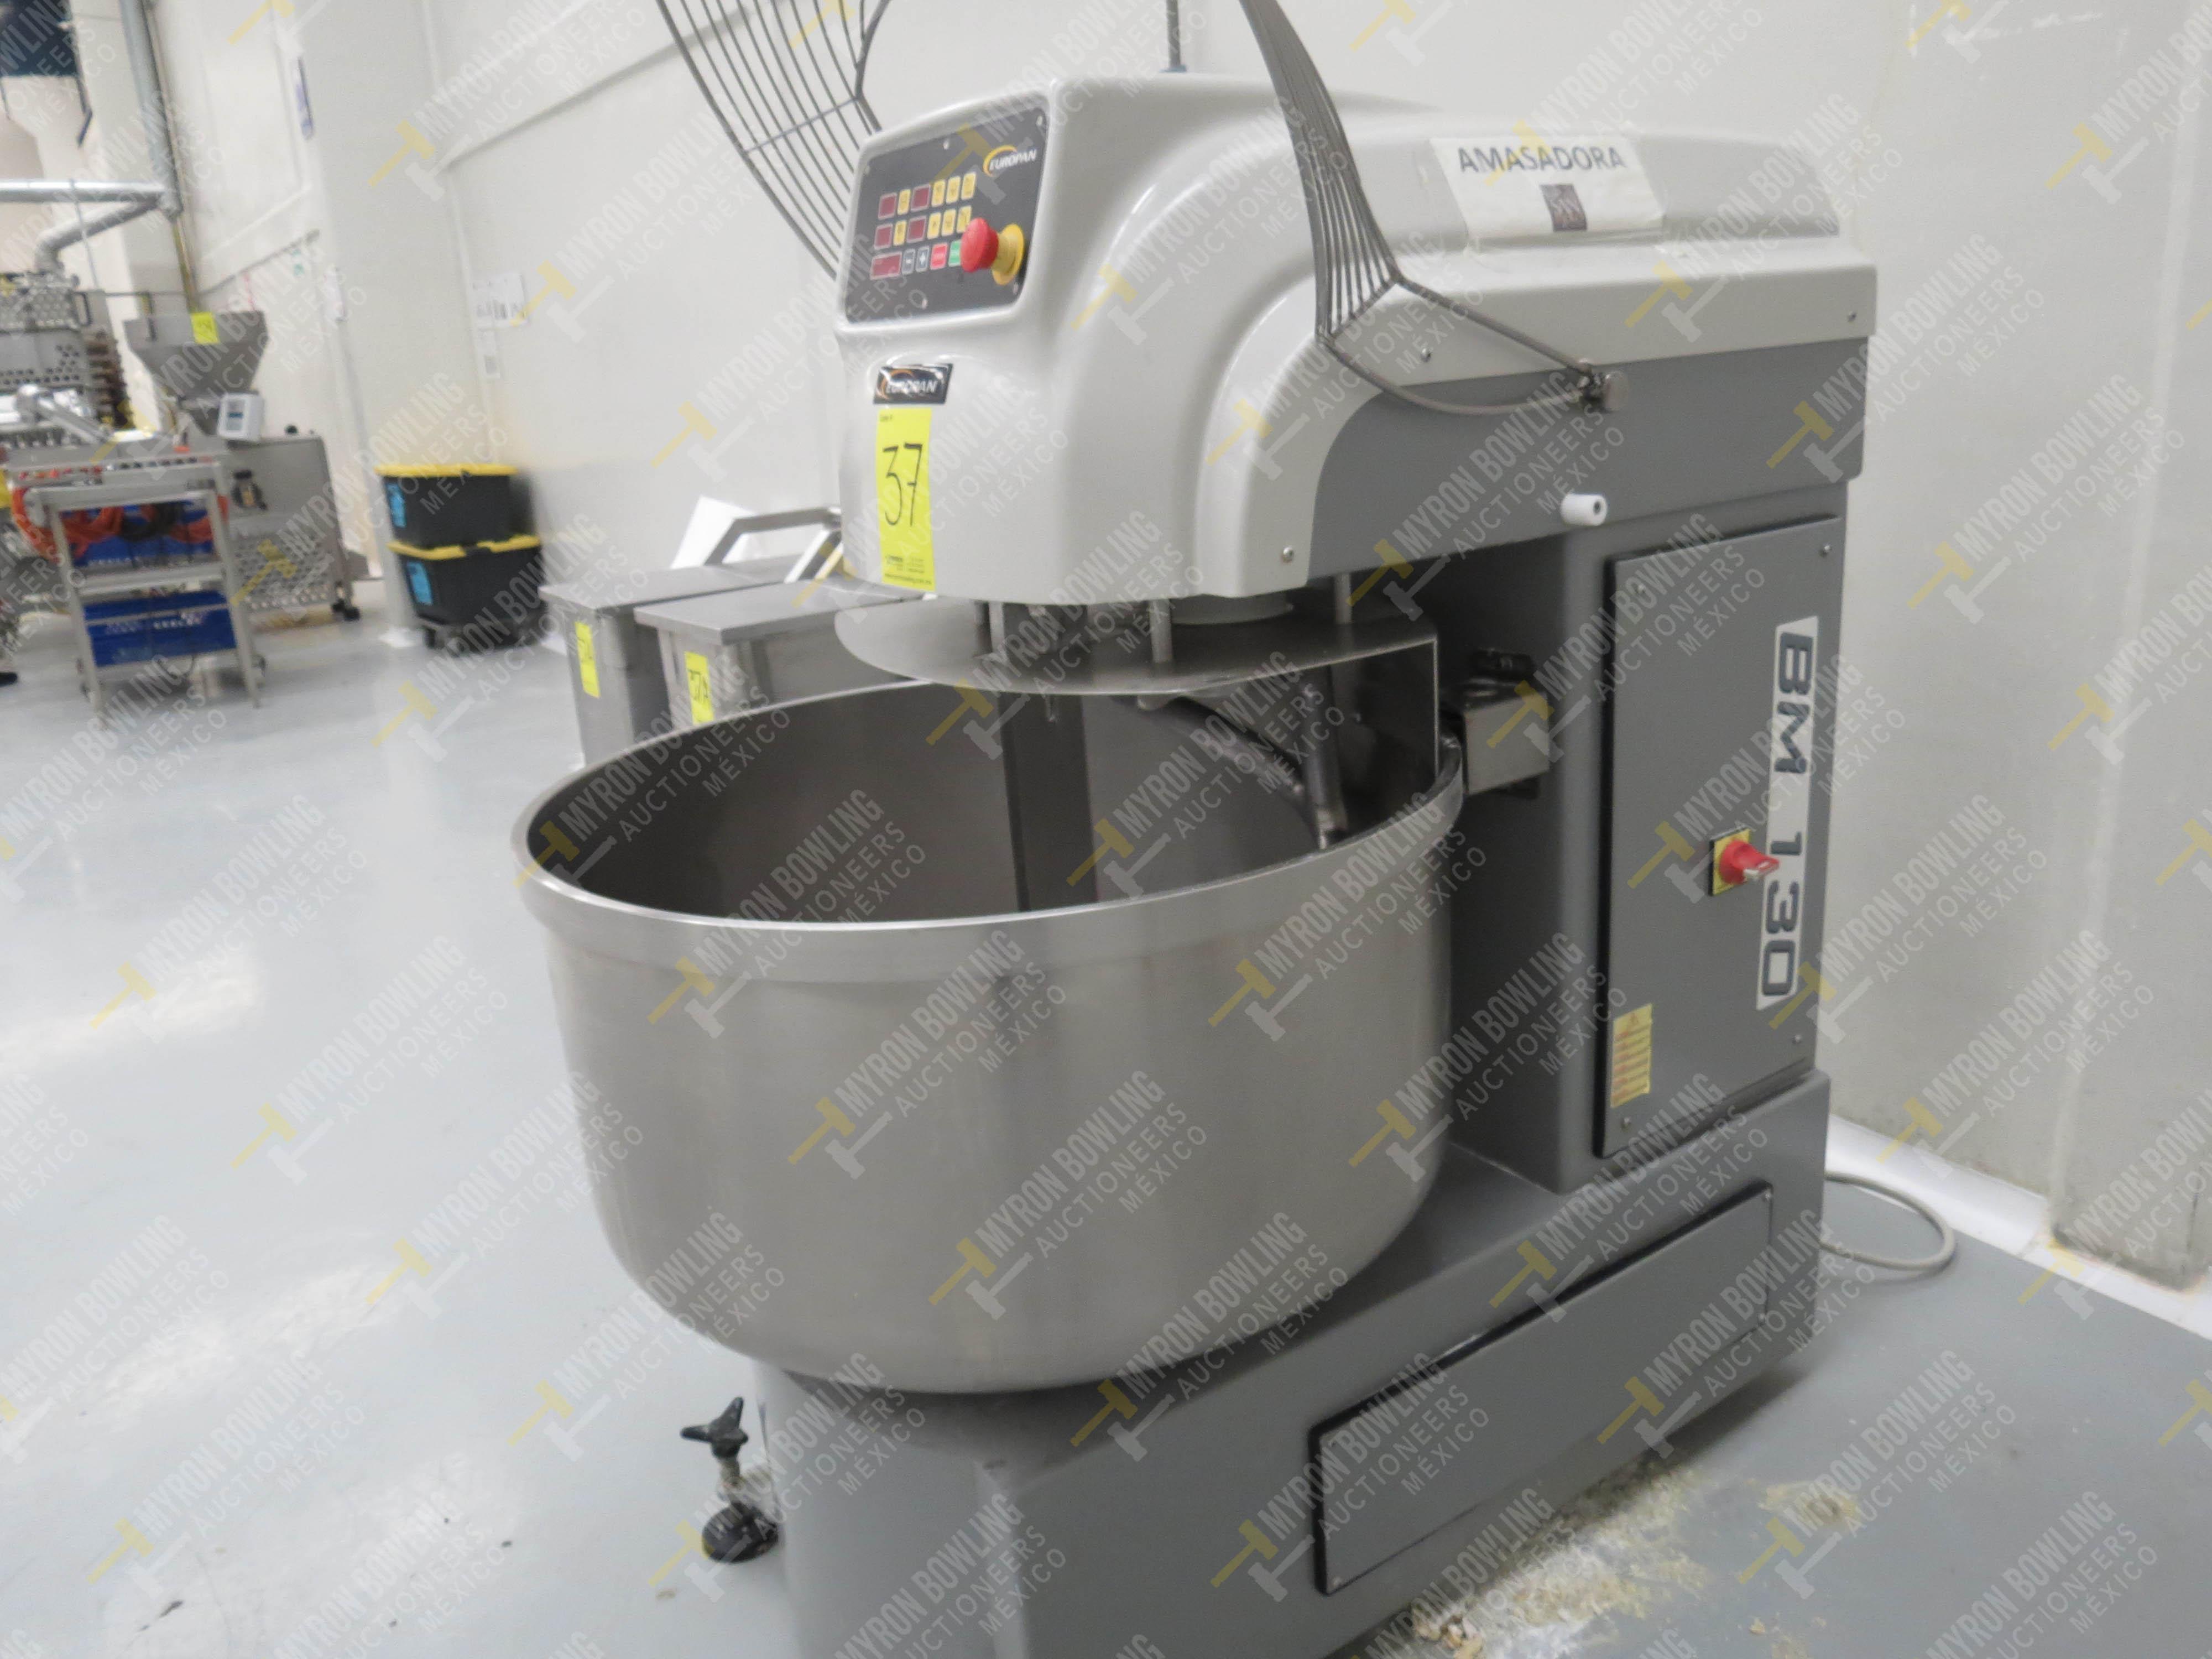 Amasadora Europan con capacidad de 130 kg., Modelo BM130DK, No. de Serie BM130DK-003, año … - Image 4 of 4